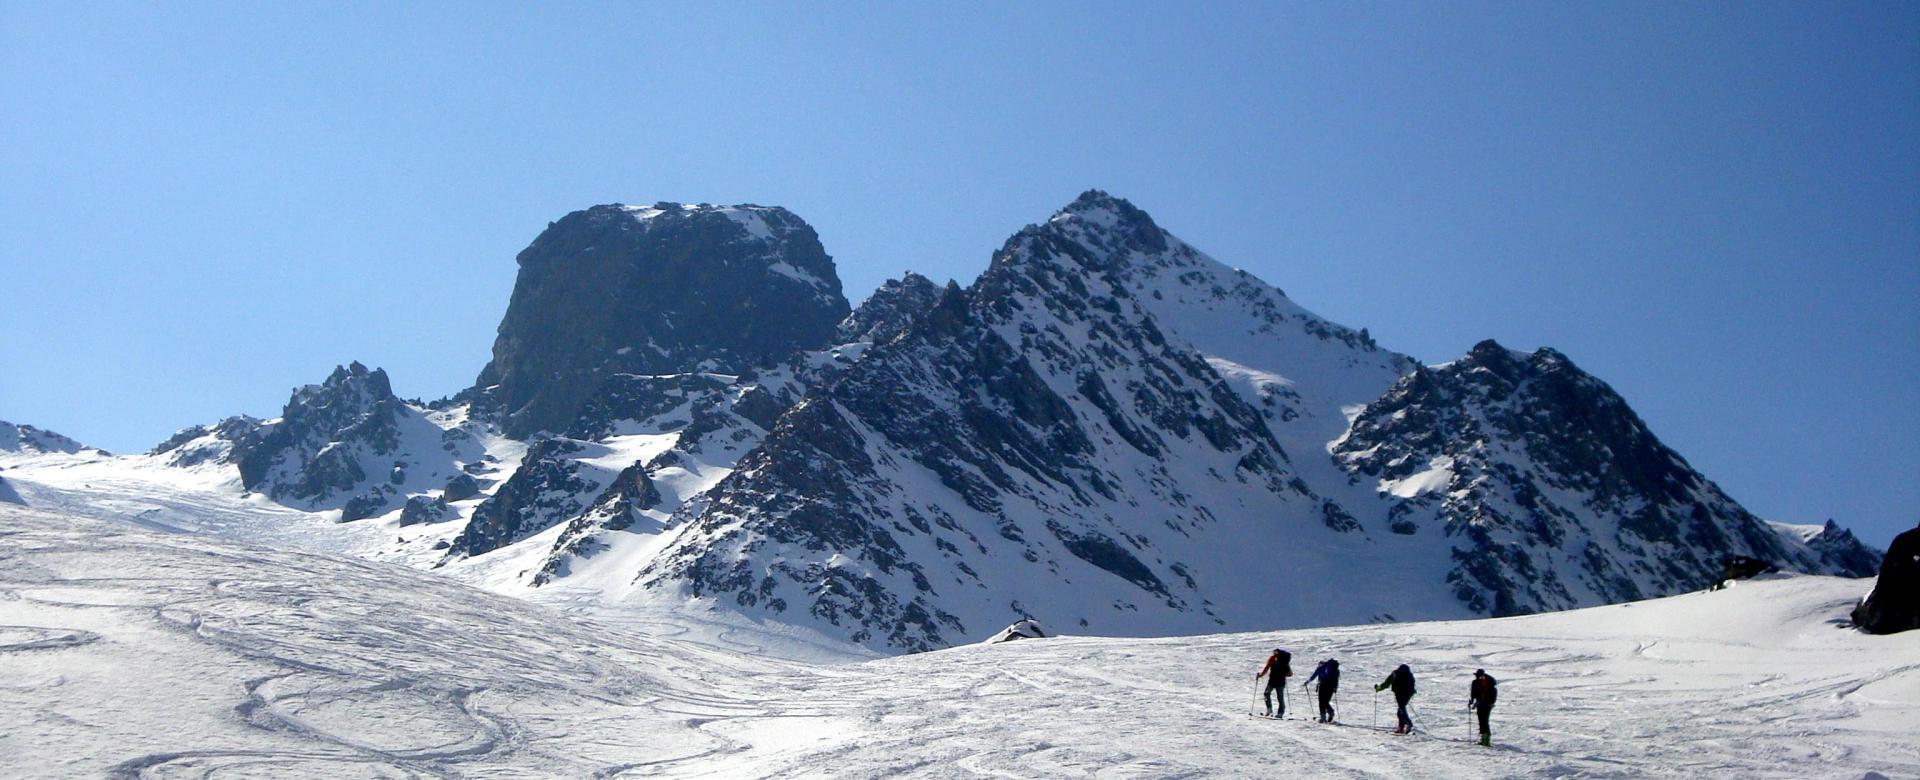 Voyage à la neige : Le meilleur du queyras à ski